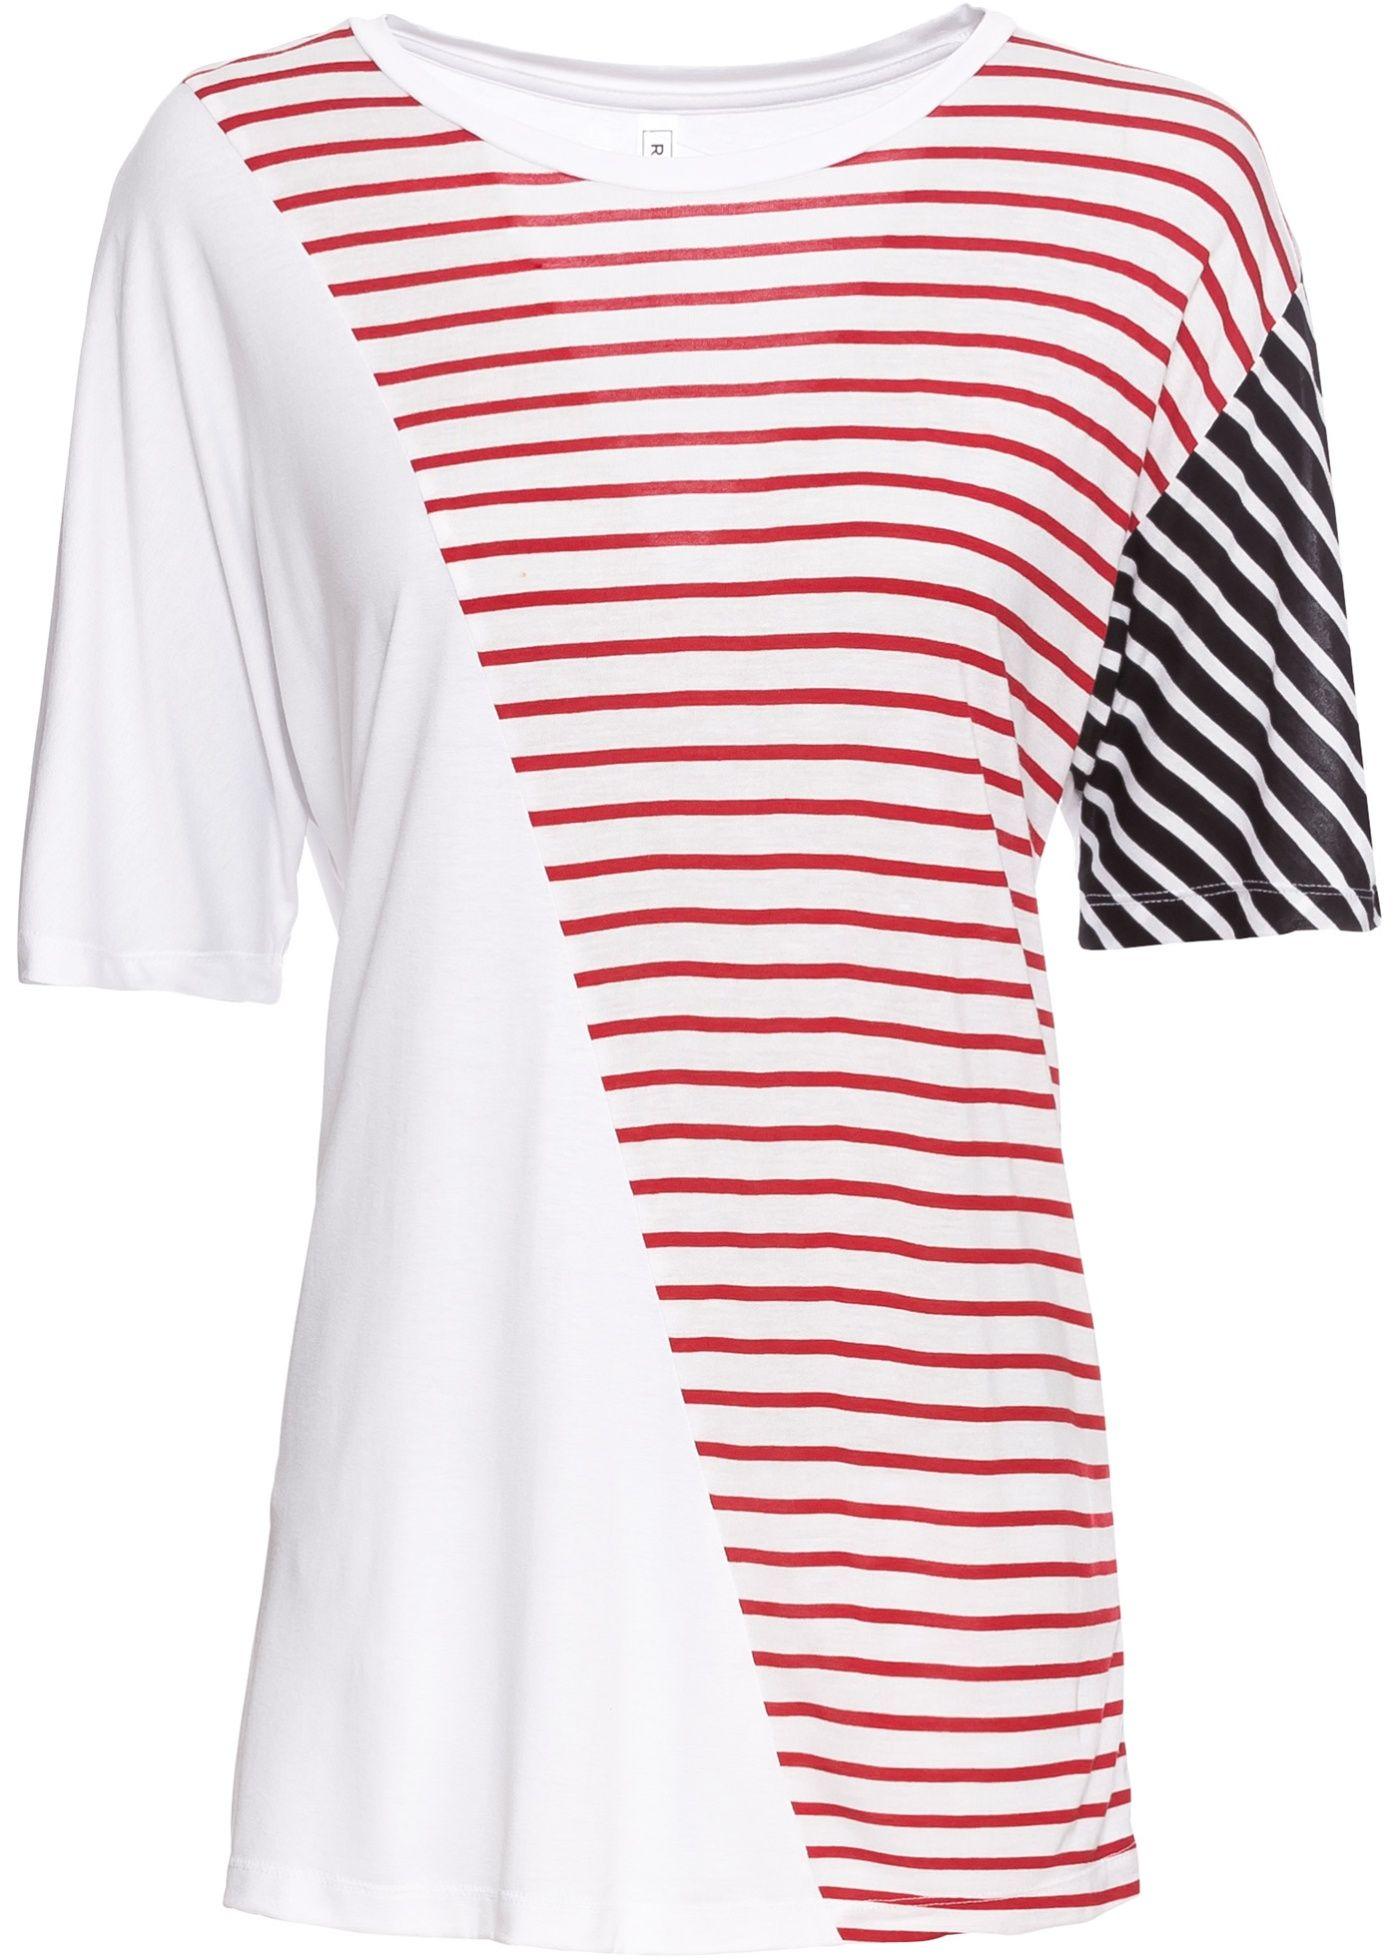 Longshirt in Streifenoptik   Shirts, T shirt und Lässiger look